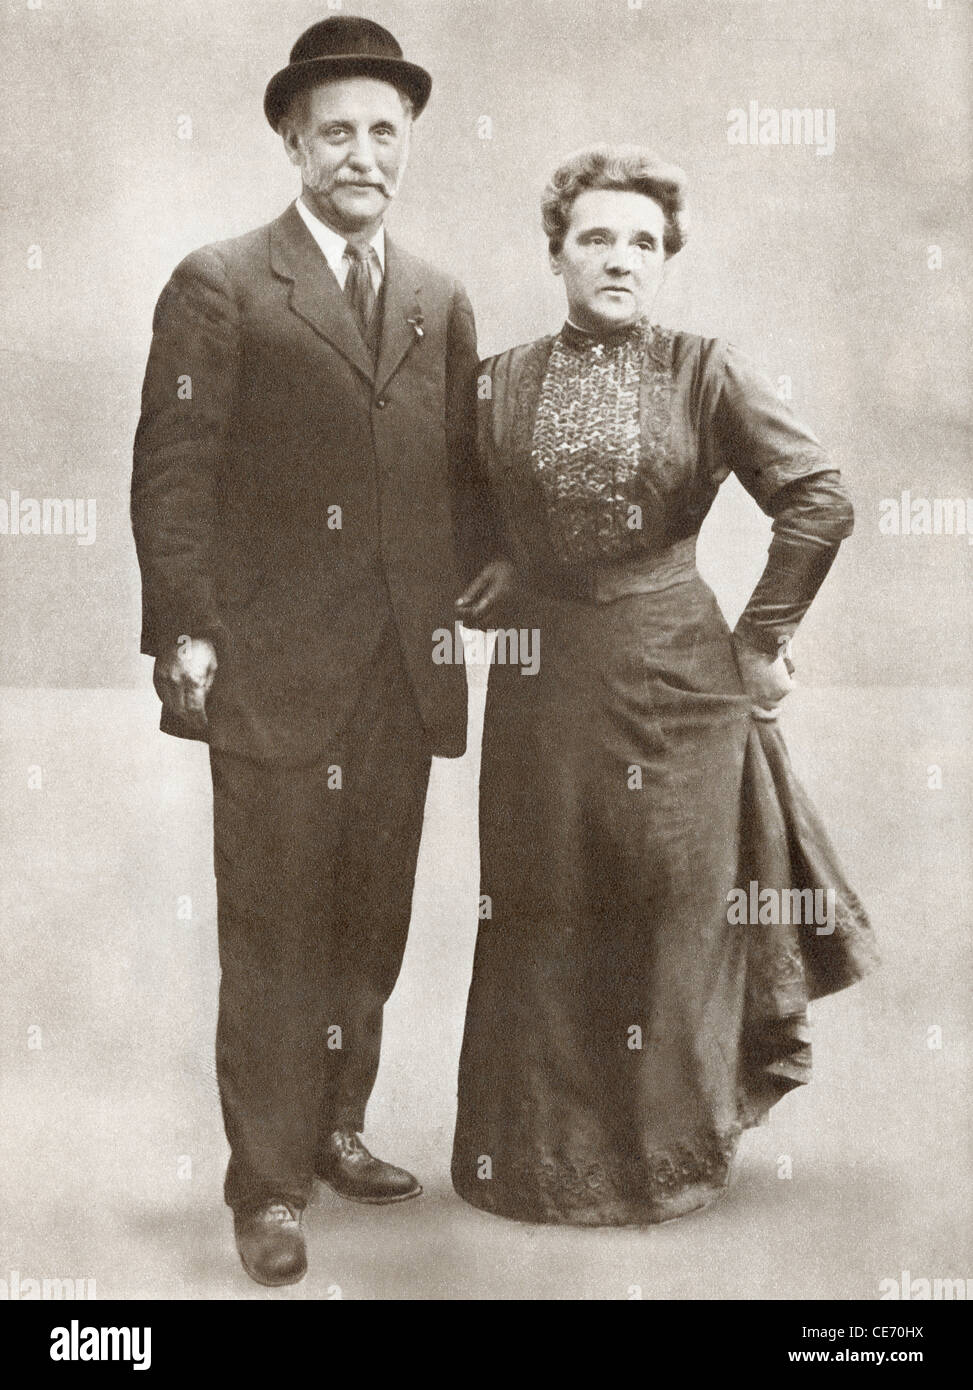 George Lansbury, 1859 - 1940 con Lansbury Mrs. Uomo politico britannico, socialista, Christian pacifista e editor Immagini Stock